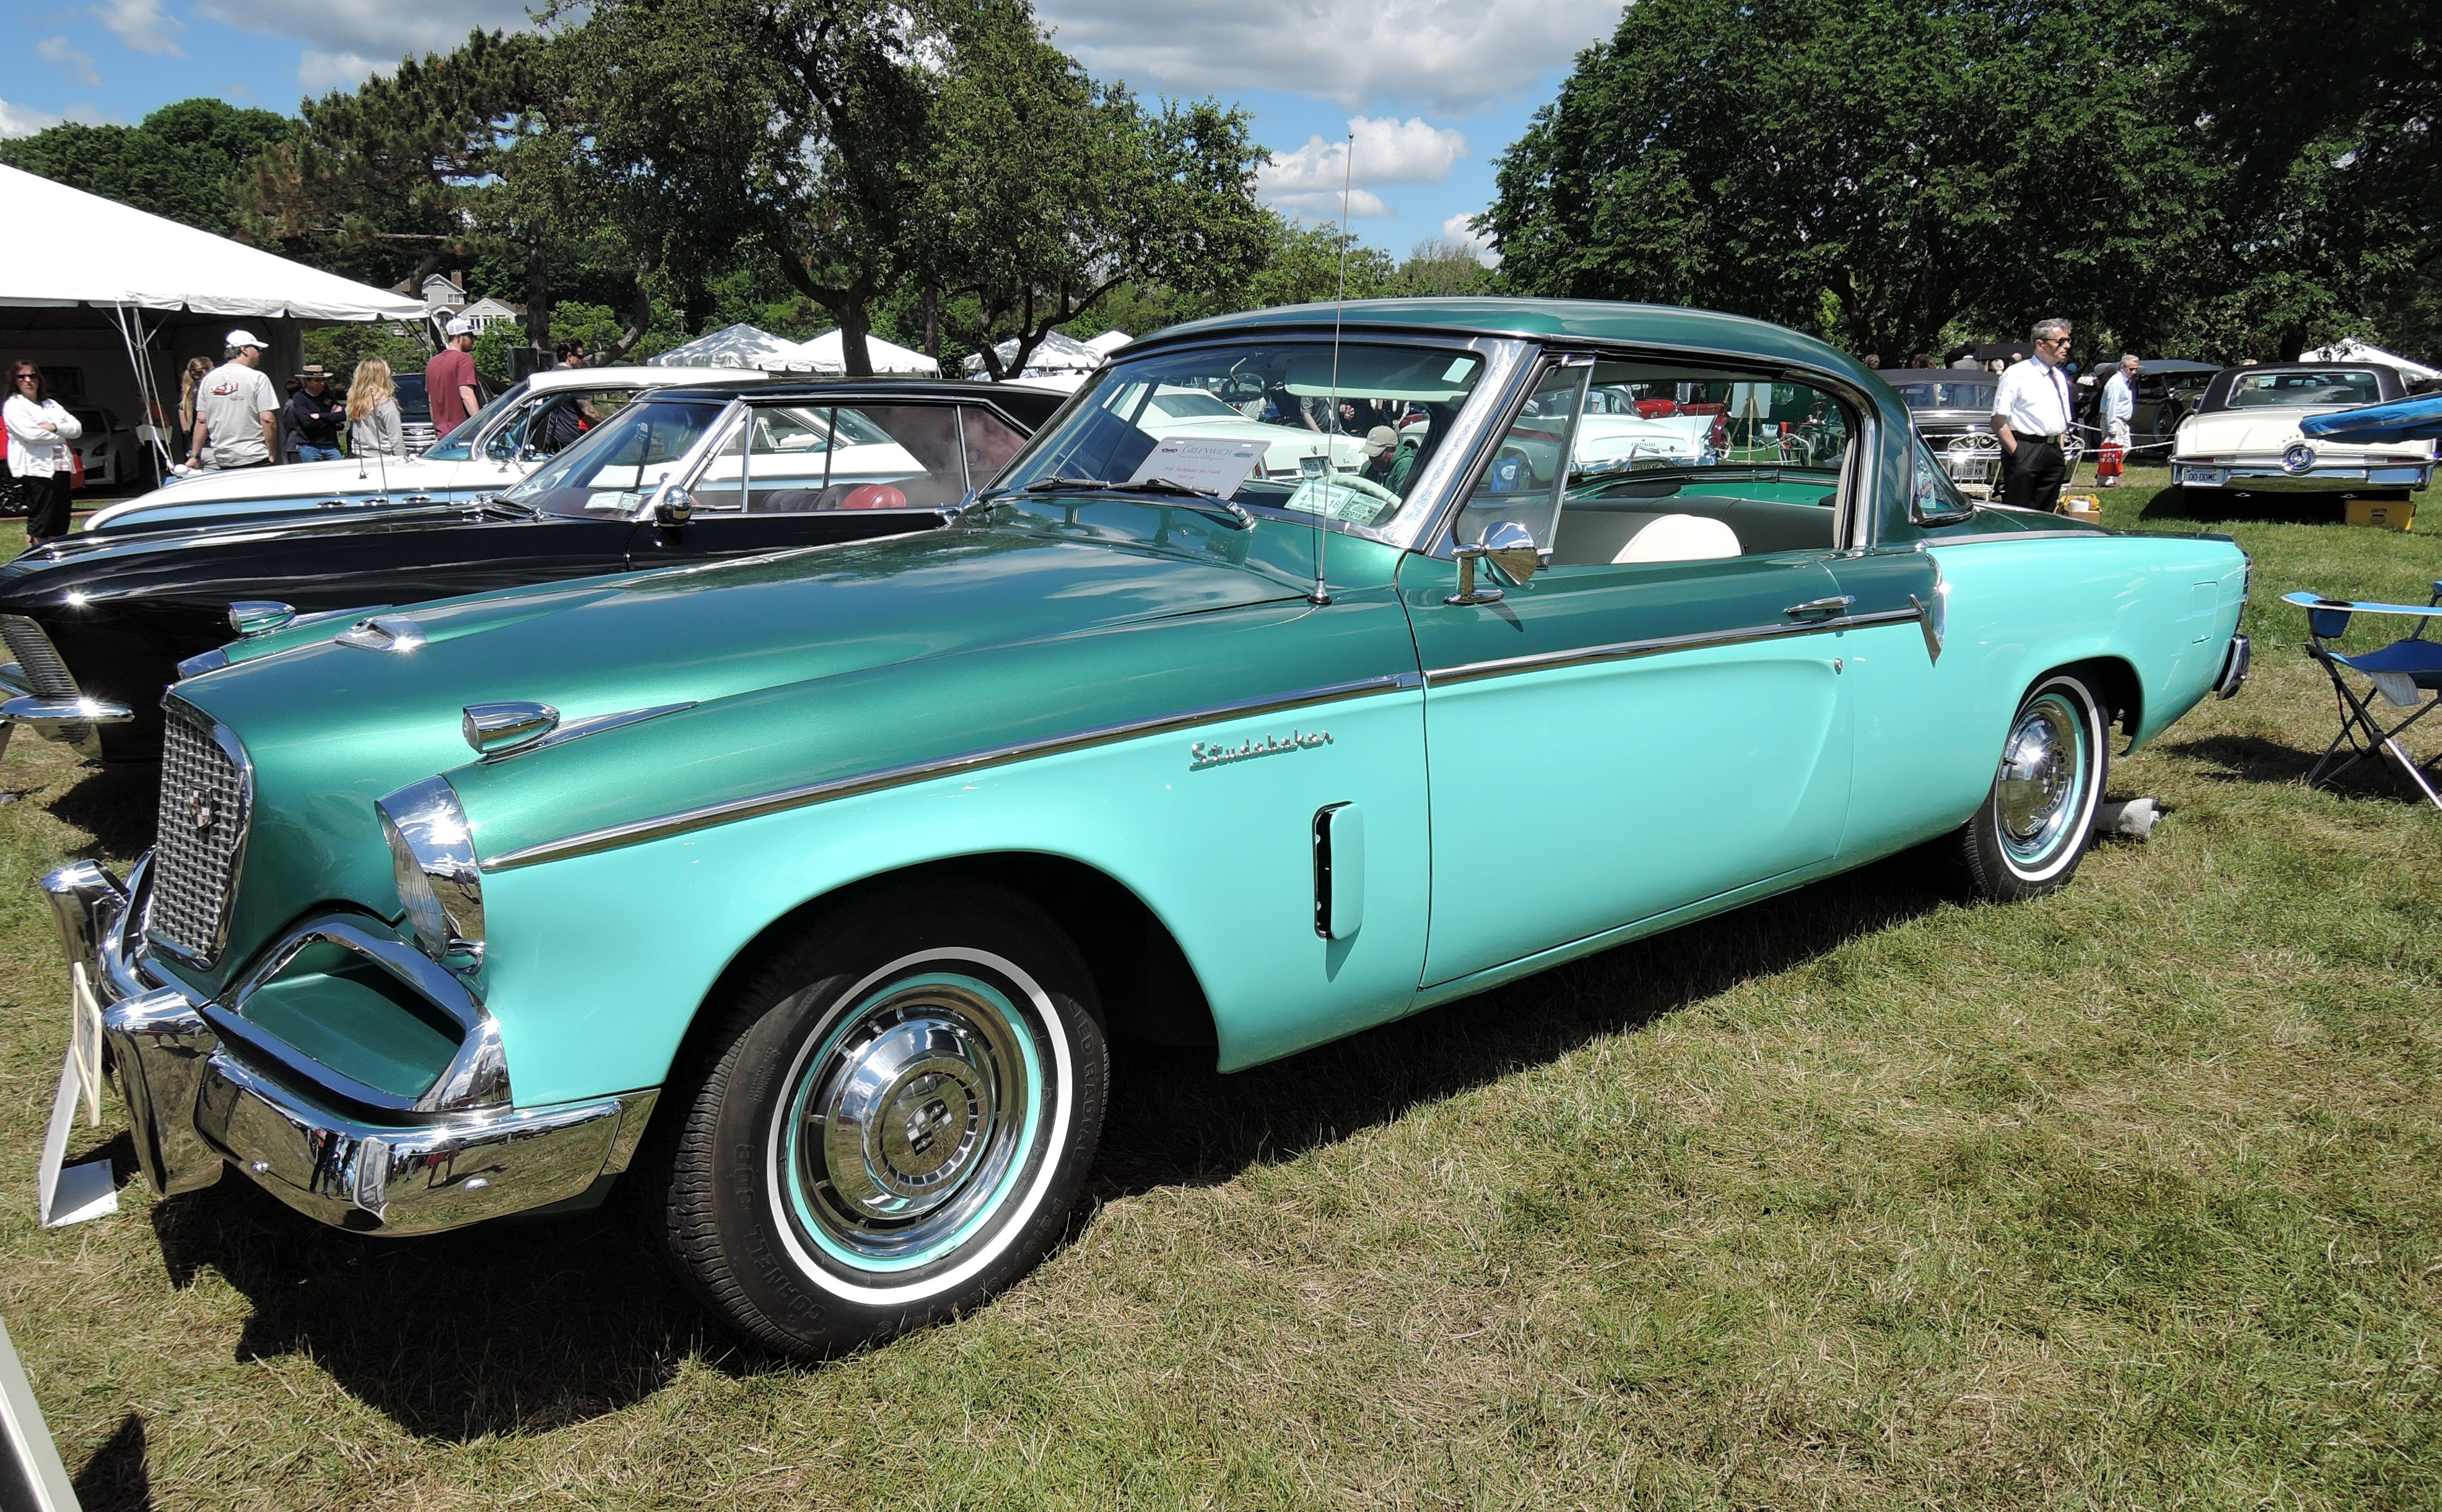 green 1956 Studebaker Sky Hawk - Greenwich Concours d'Elegance 2017